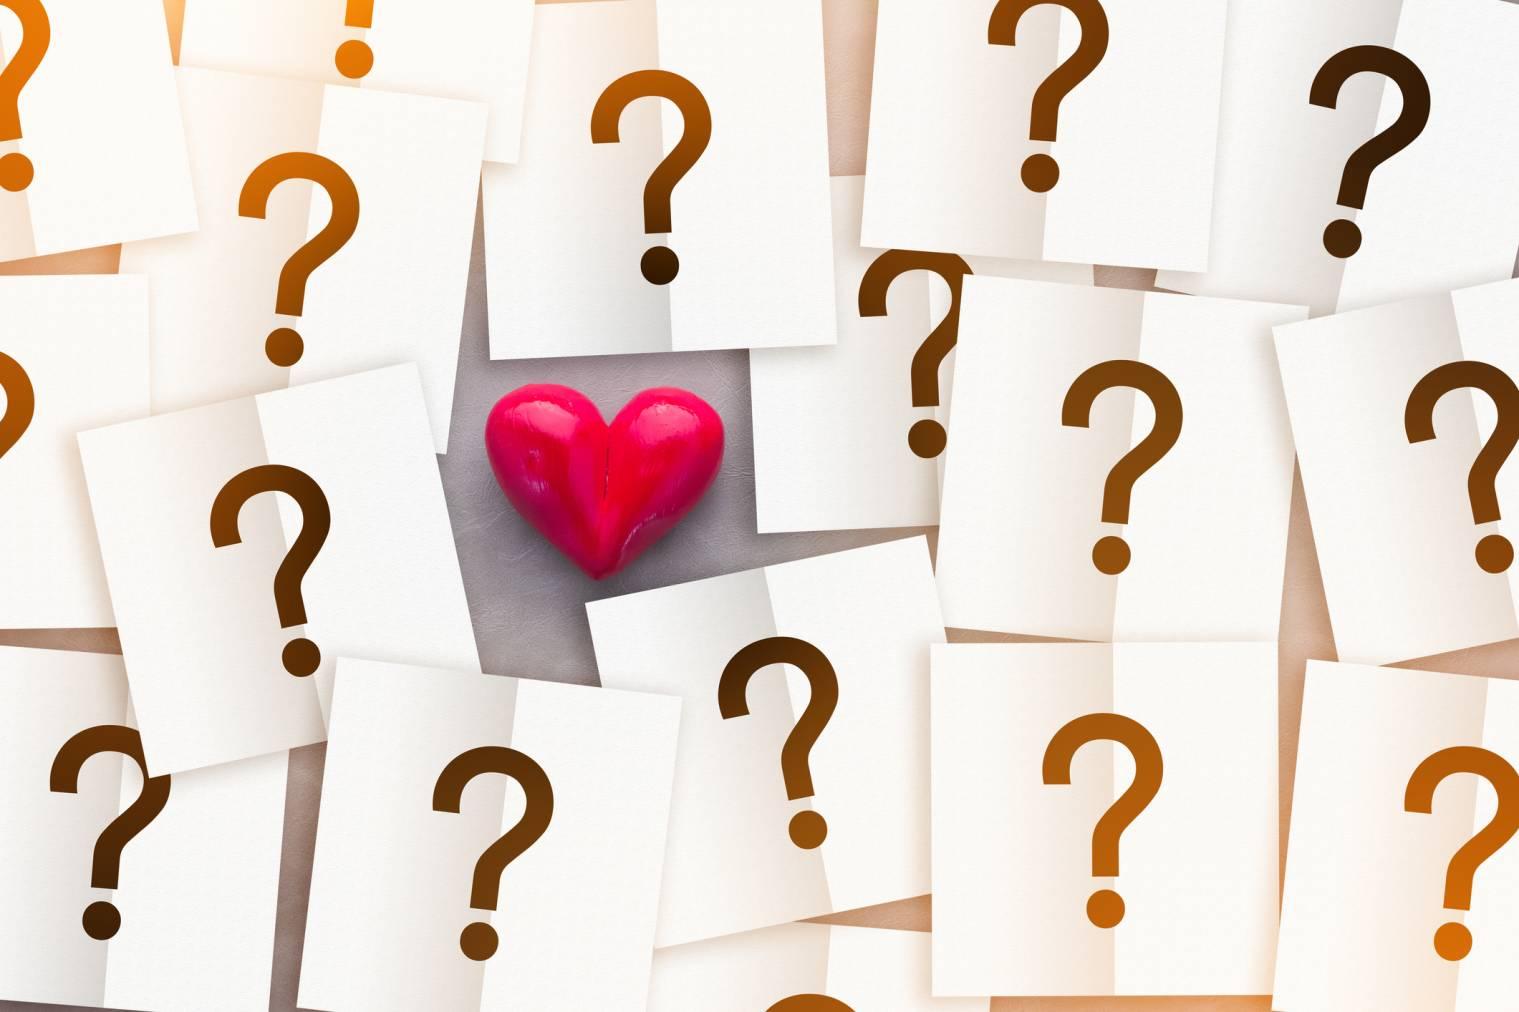 comment savoir aime sans demander